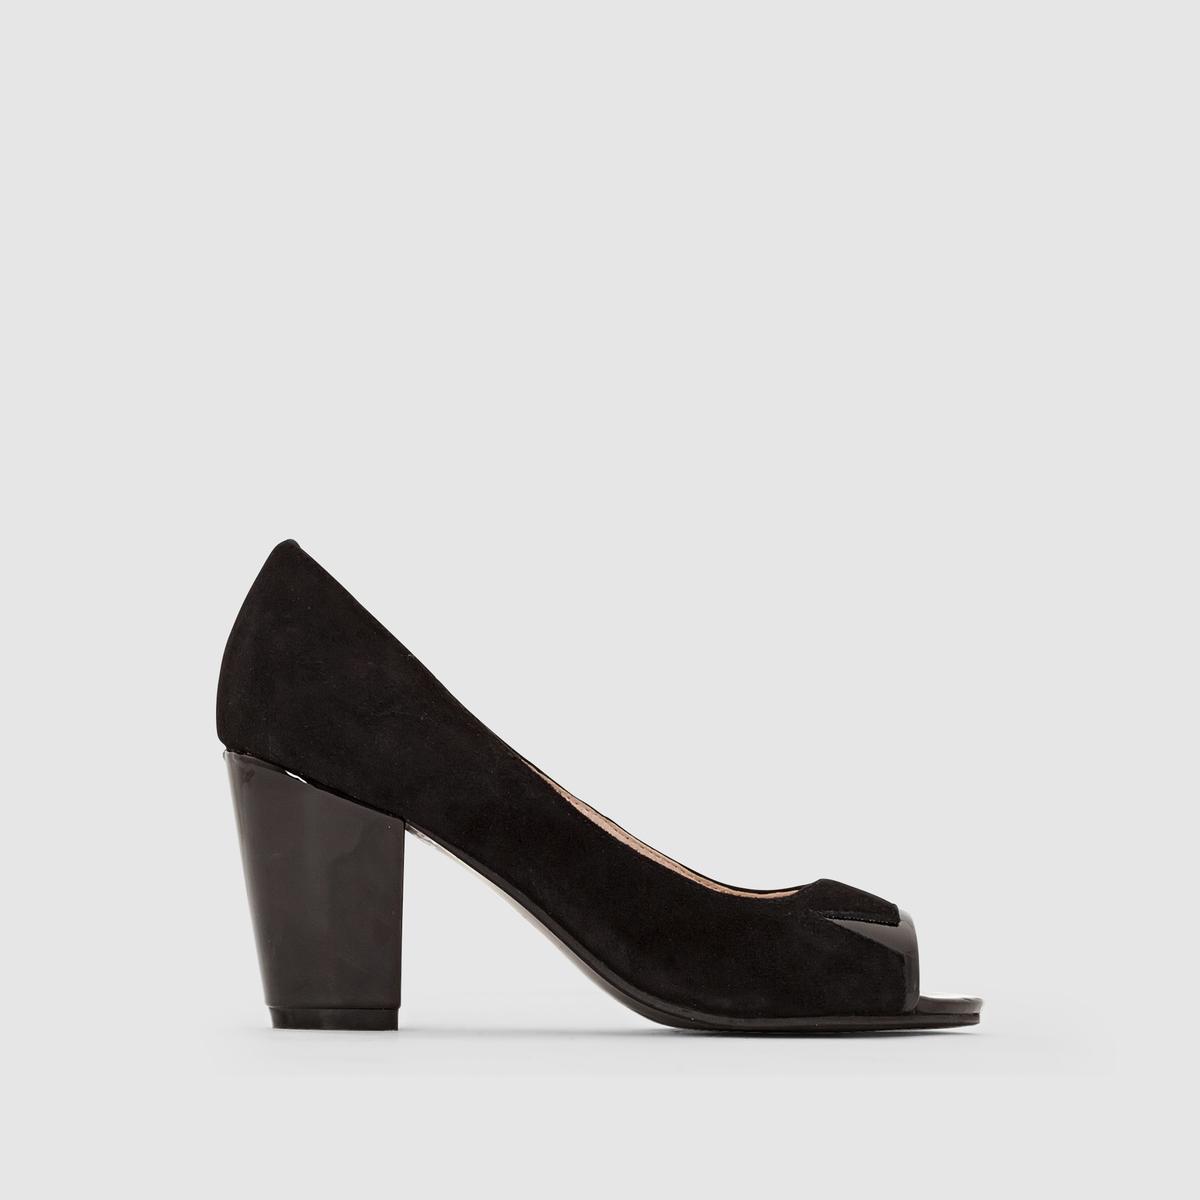 Туфли с открытым мыскомПреимущества : широкий лакированный каблук, устойчивый и удобный, небольшие лакированные детали на открытом мыске.<br><br>Цвет: черный<br>Размер: 43.38